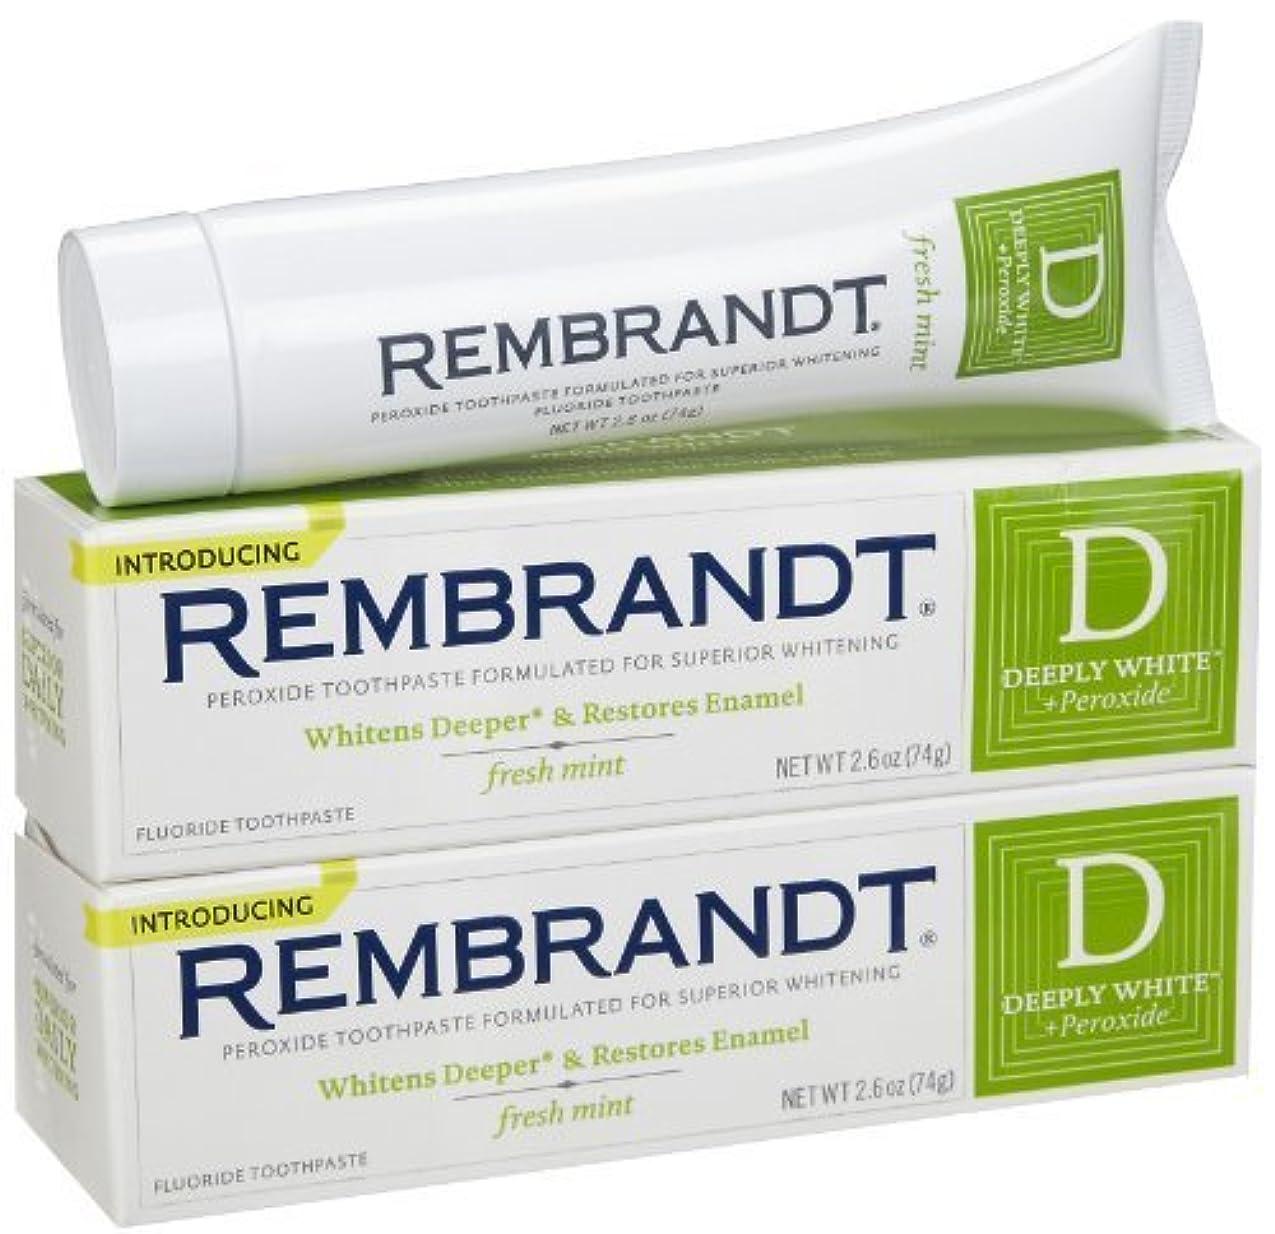 キャップ全体に神経障害Rembrandt Fluoride Toothpaste, Mint - 2.6 oz - 2 pk [並行輸入品]